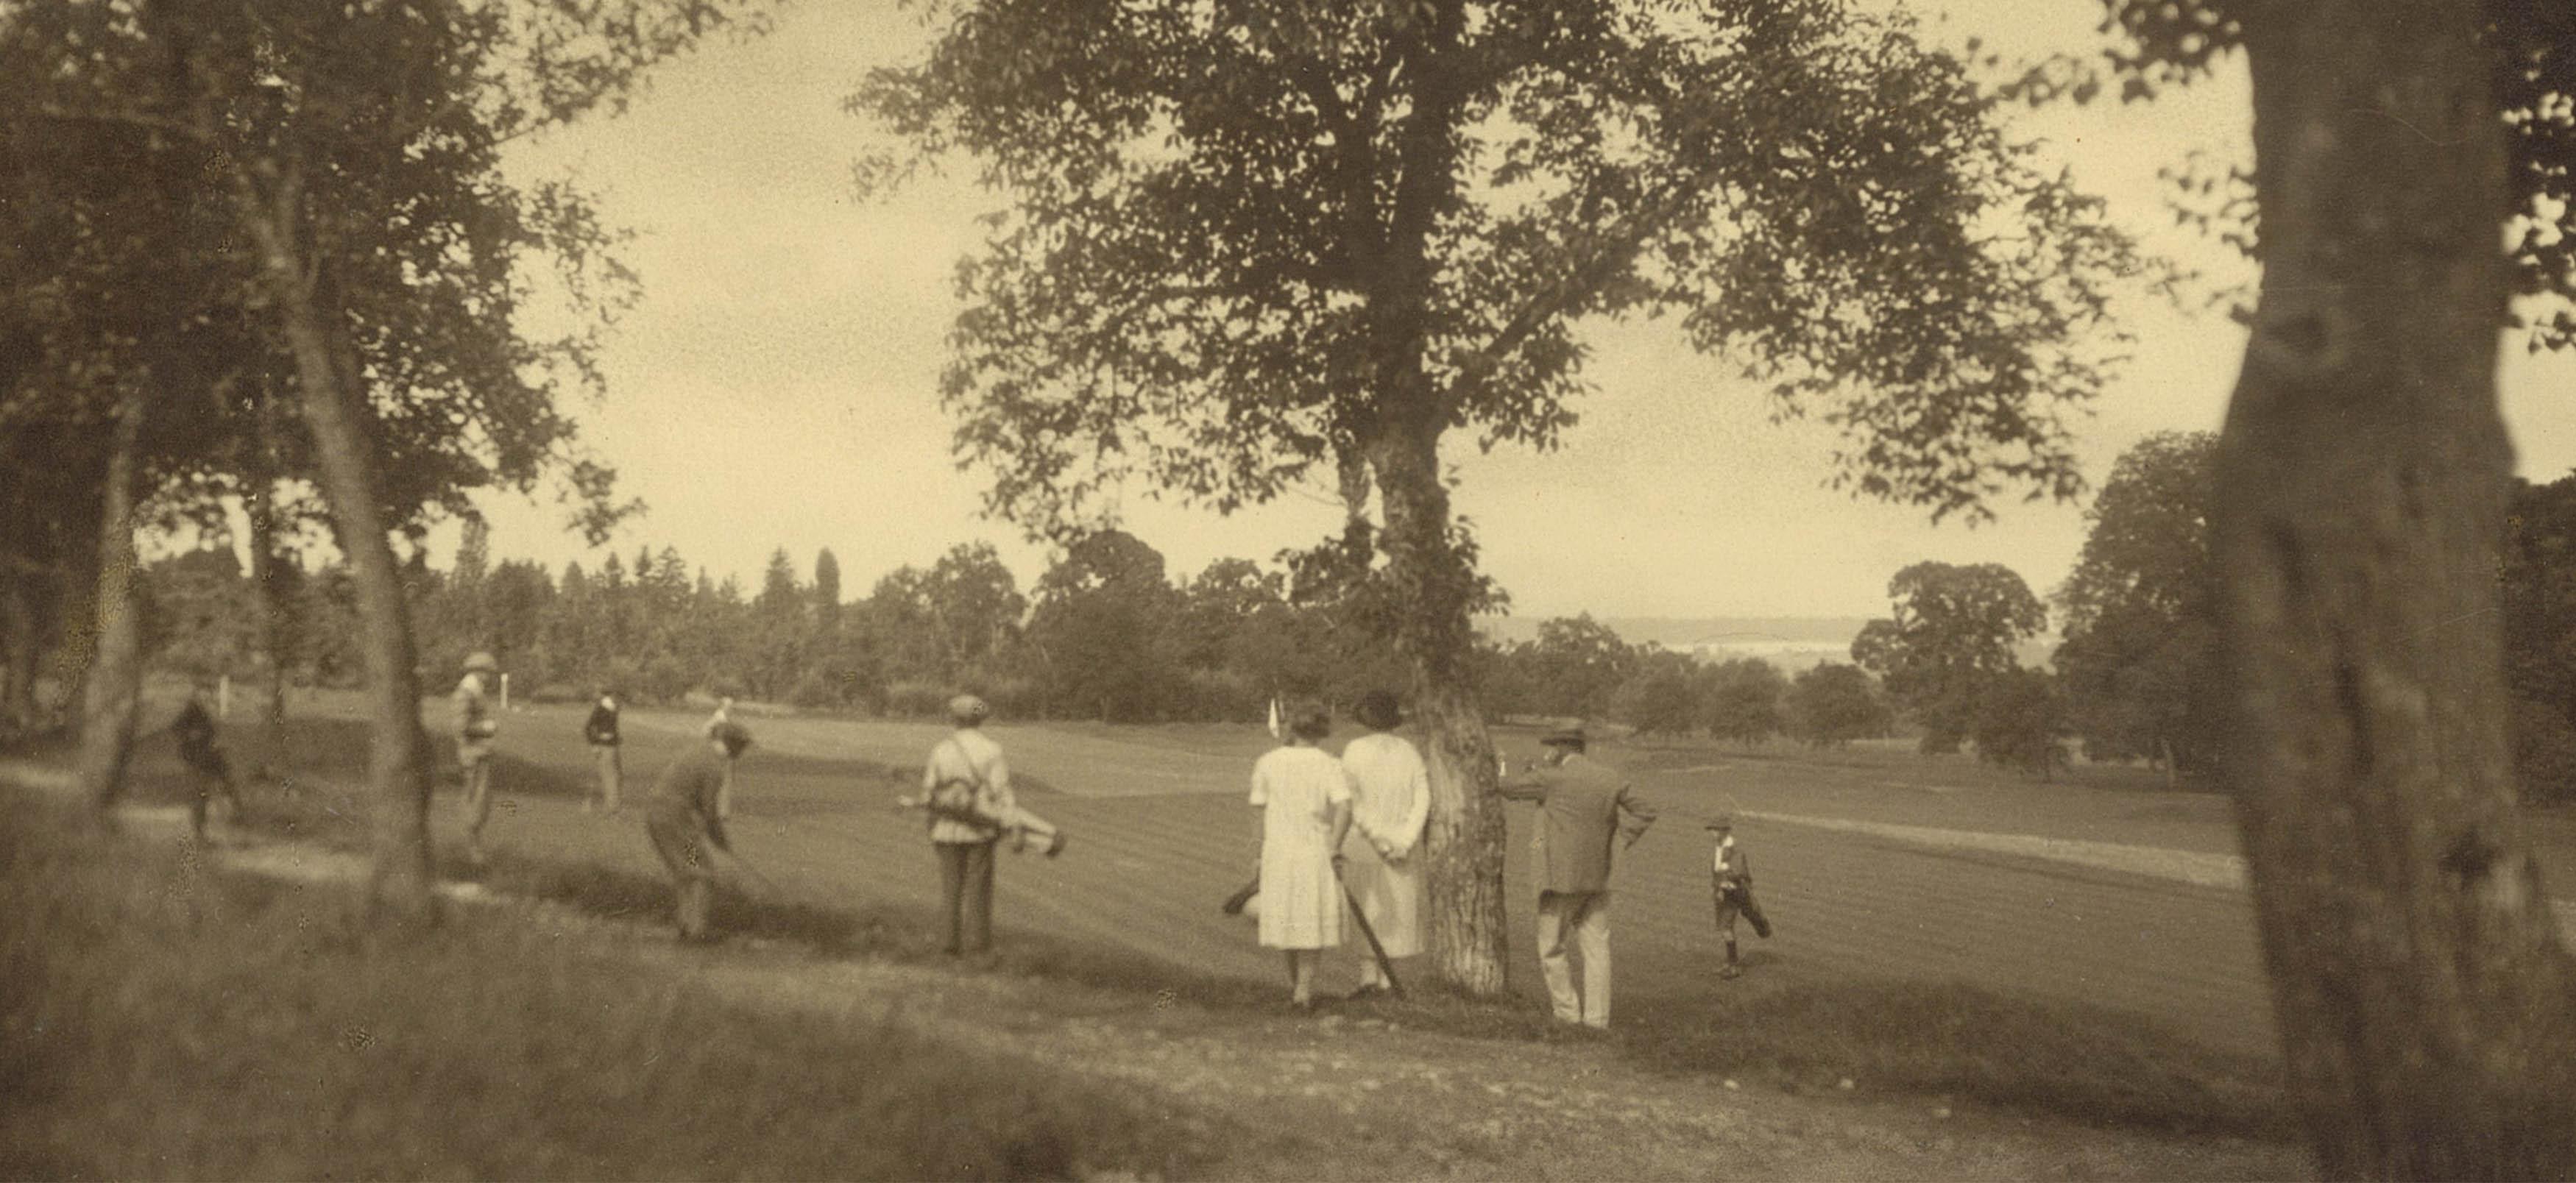 """Résultat de recherche d'images pour """"evian golf club old pictures"""""""